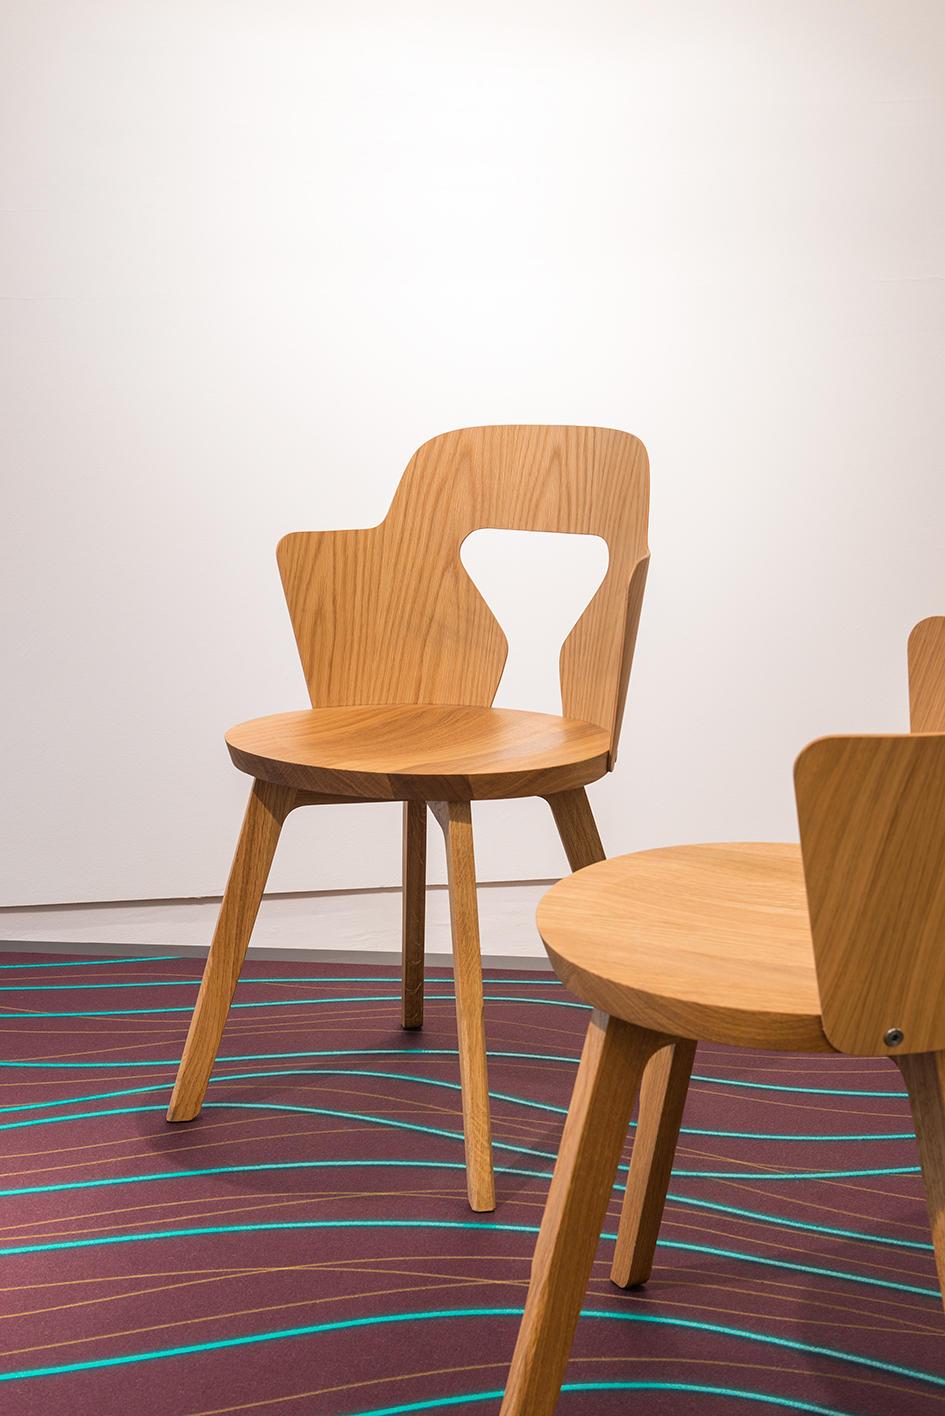 Stammplatz Сhair by Alfredo Häberli for Quodes